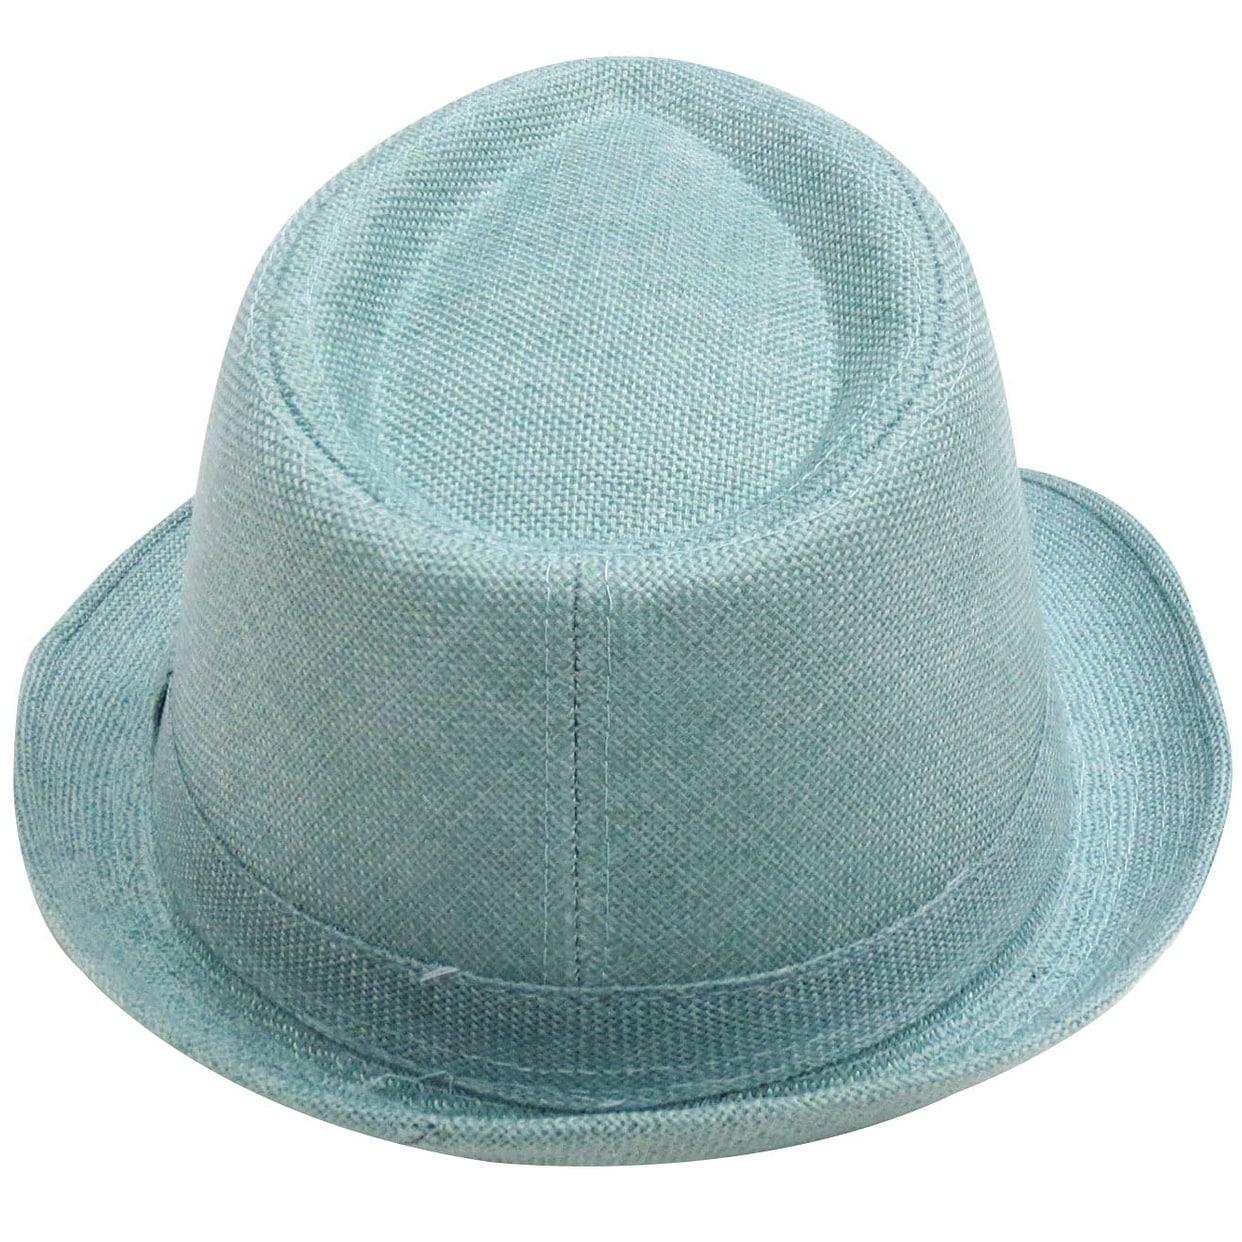 Shop Women Men Summer Gangster Trilby Straw Fedora Hat Cap W  Brim ... 55a43a863edf